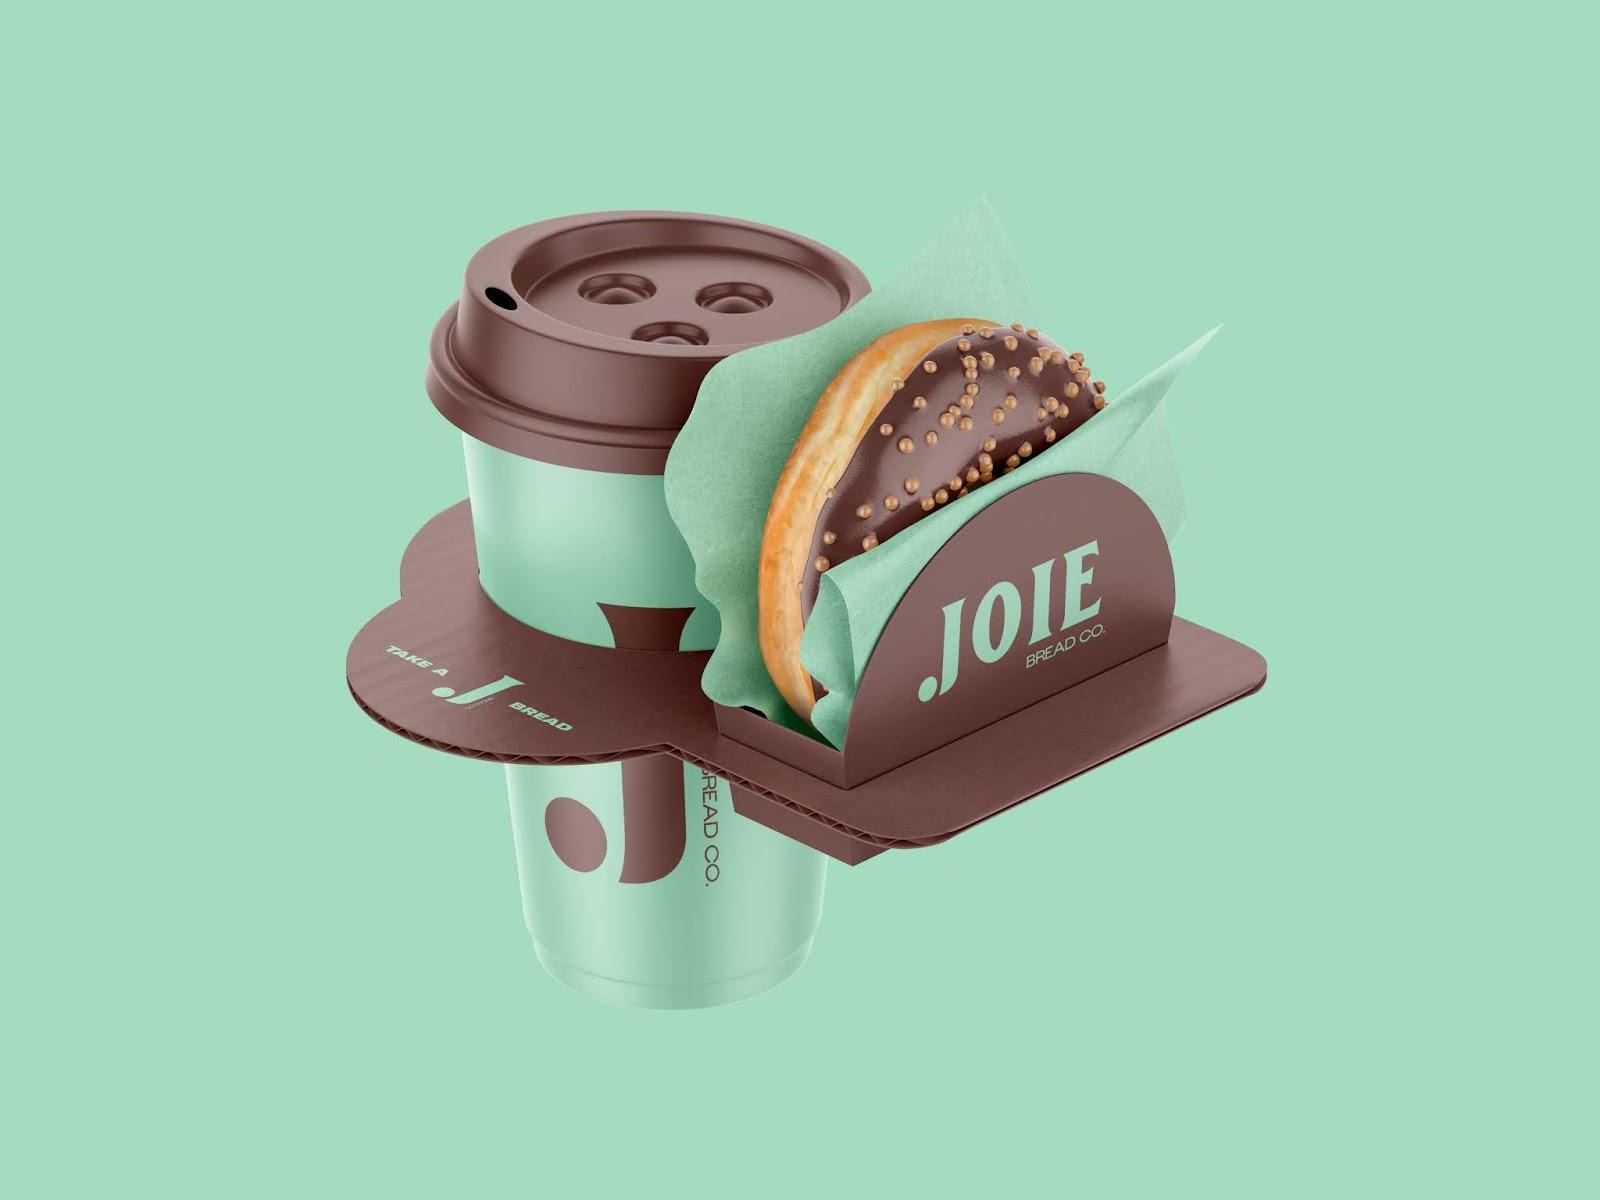 Joie-咖啡外卖杯座